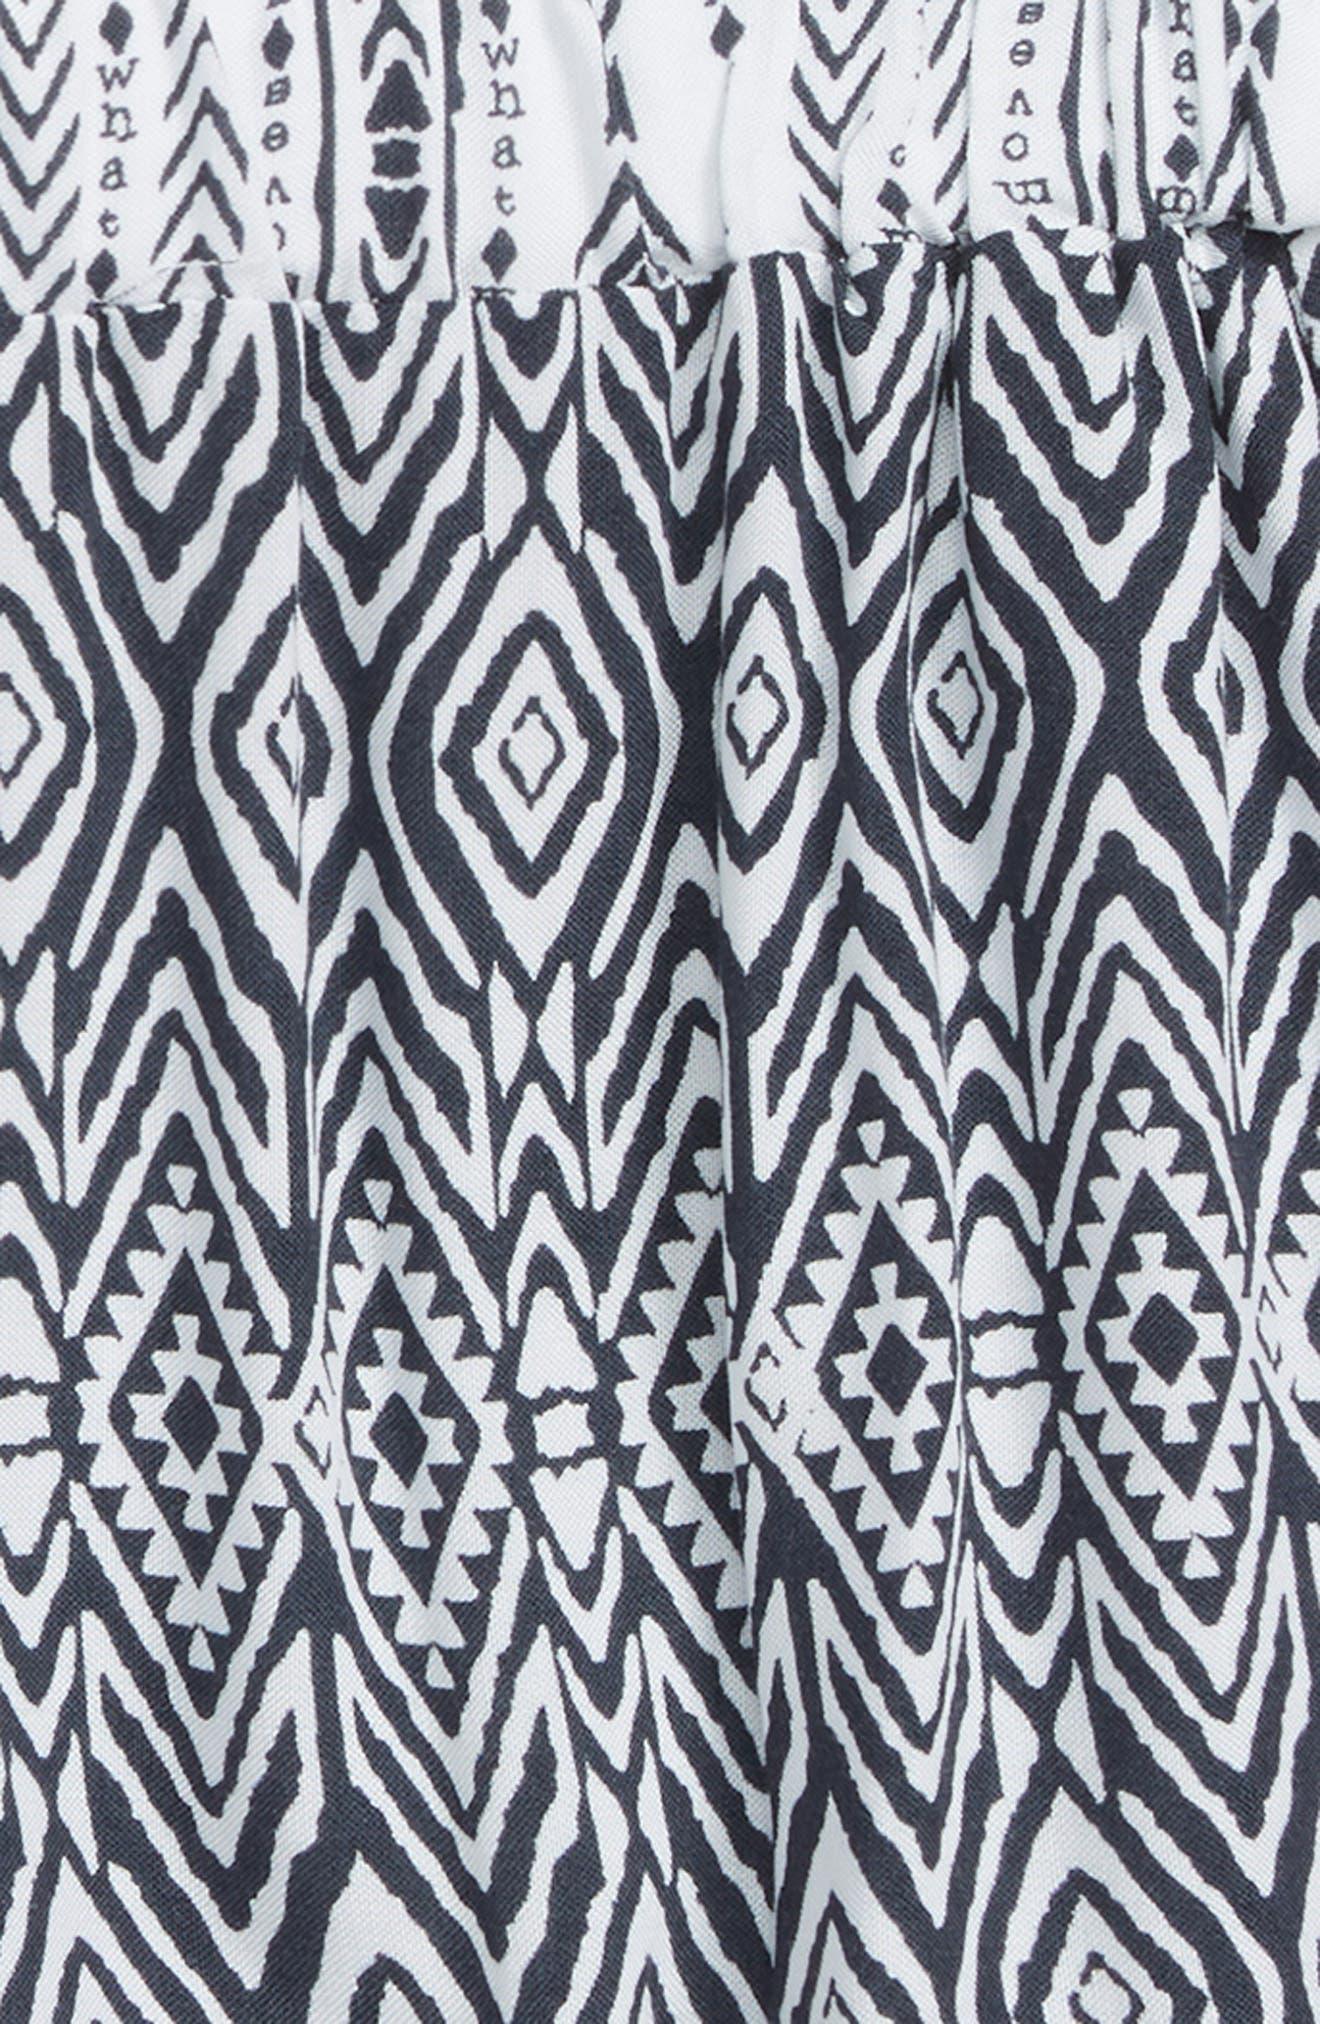 Tribal Print Shorts,                             Alternate thumbnail 2, color,                             410